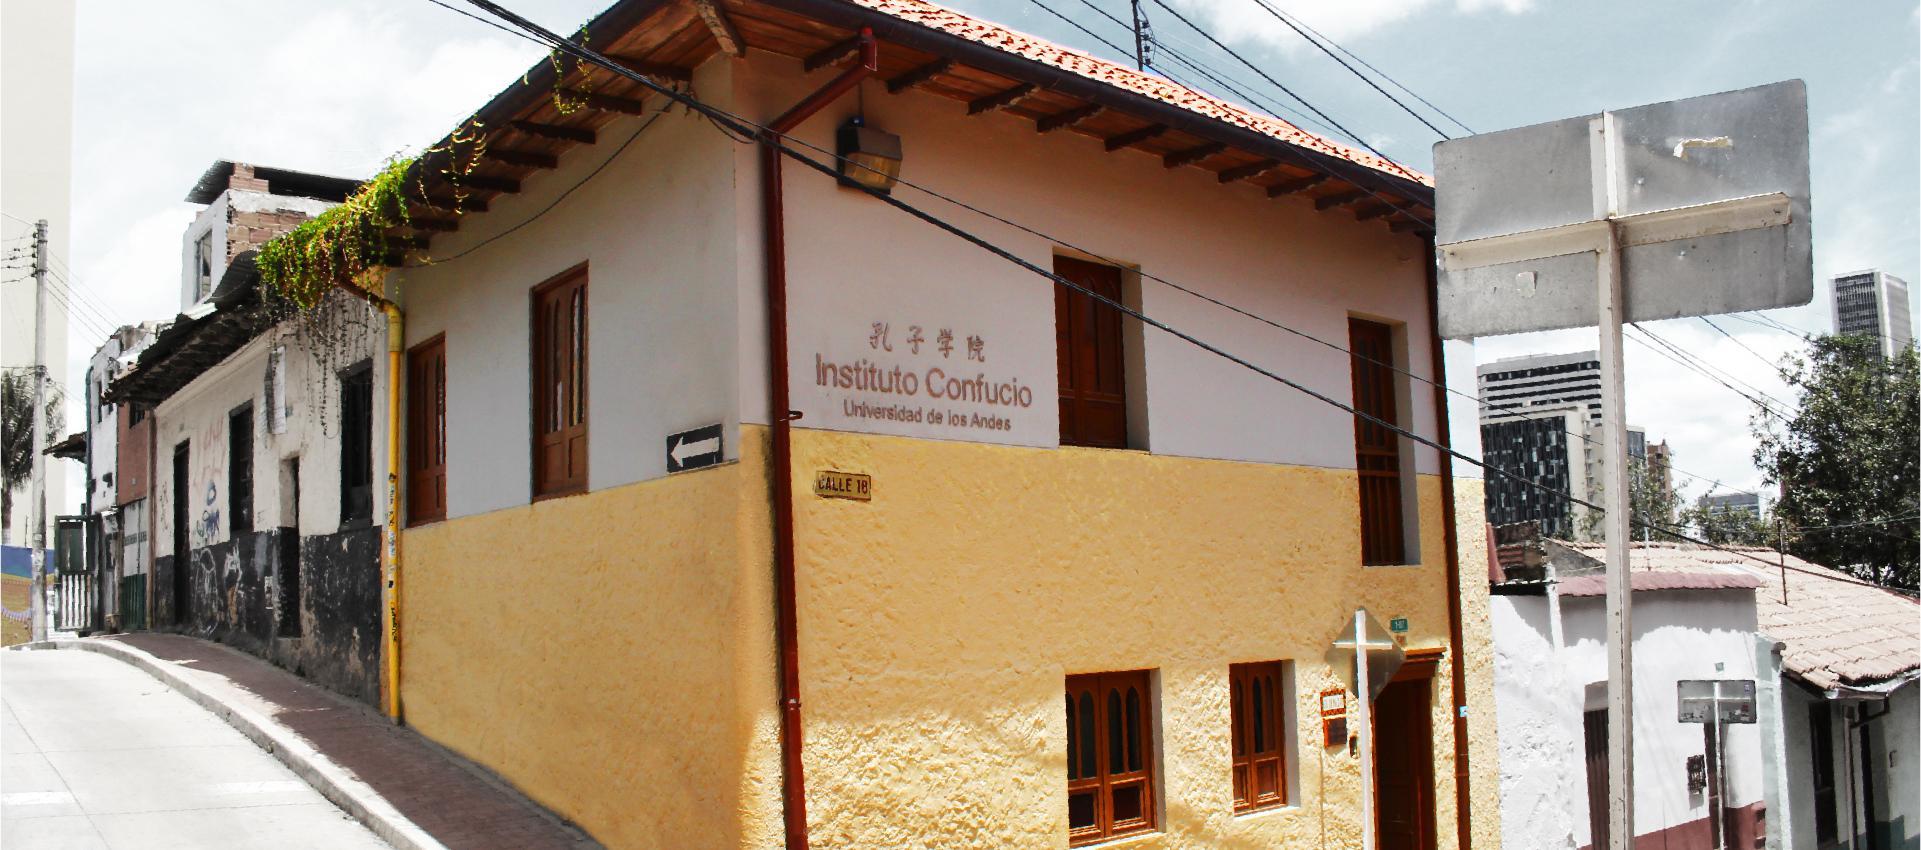 Instalaciones Centro Confucio